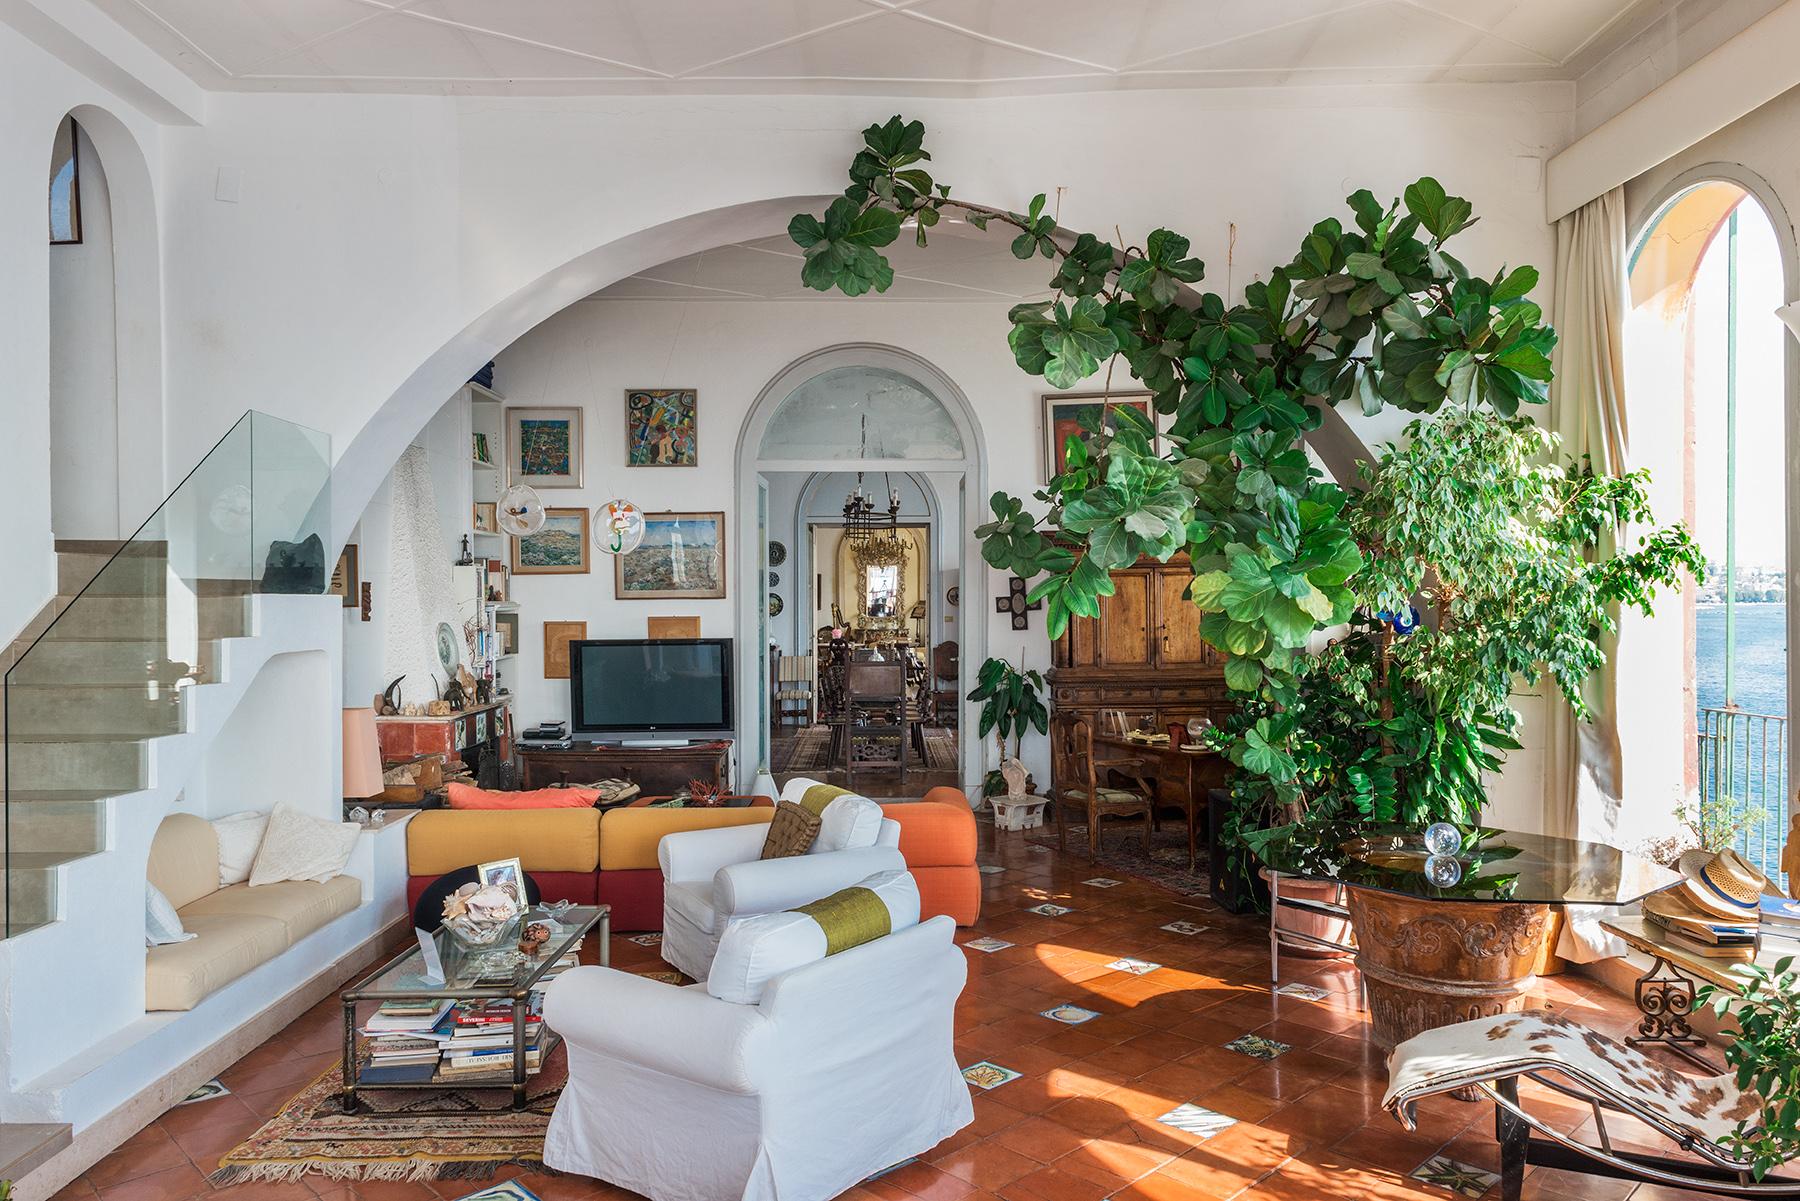 Appartamento di lusso in vendita a napoli via posillipo - Sogno casa fabriano ...